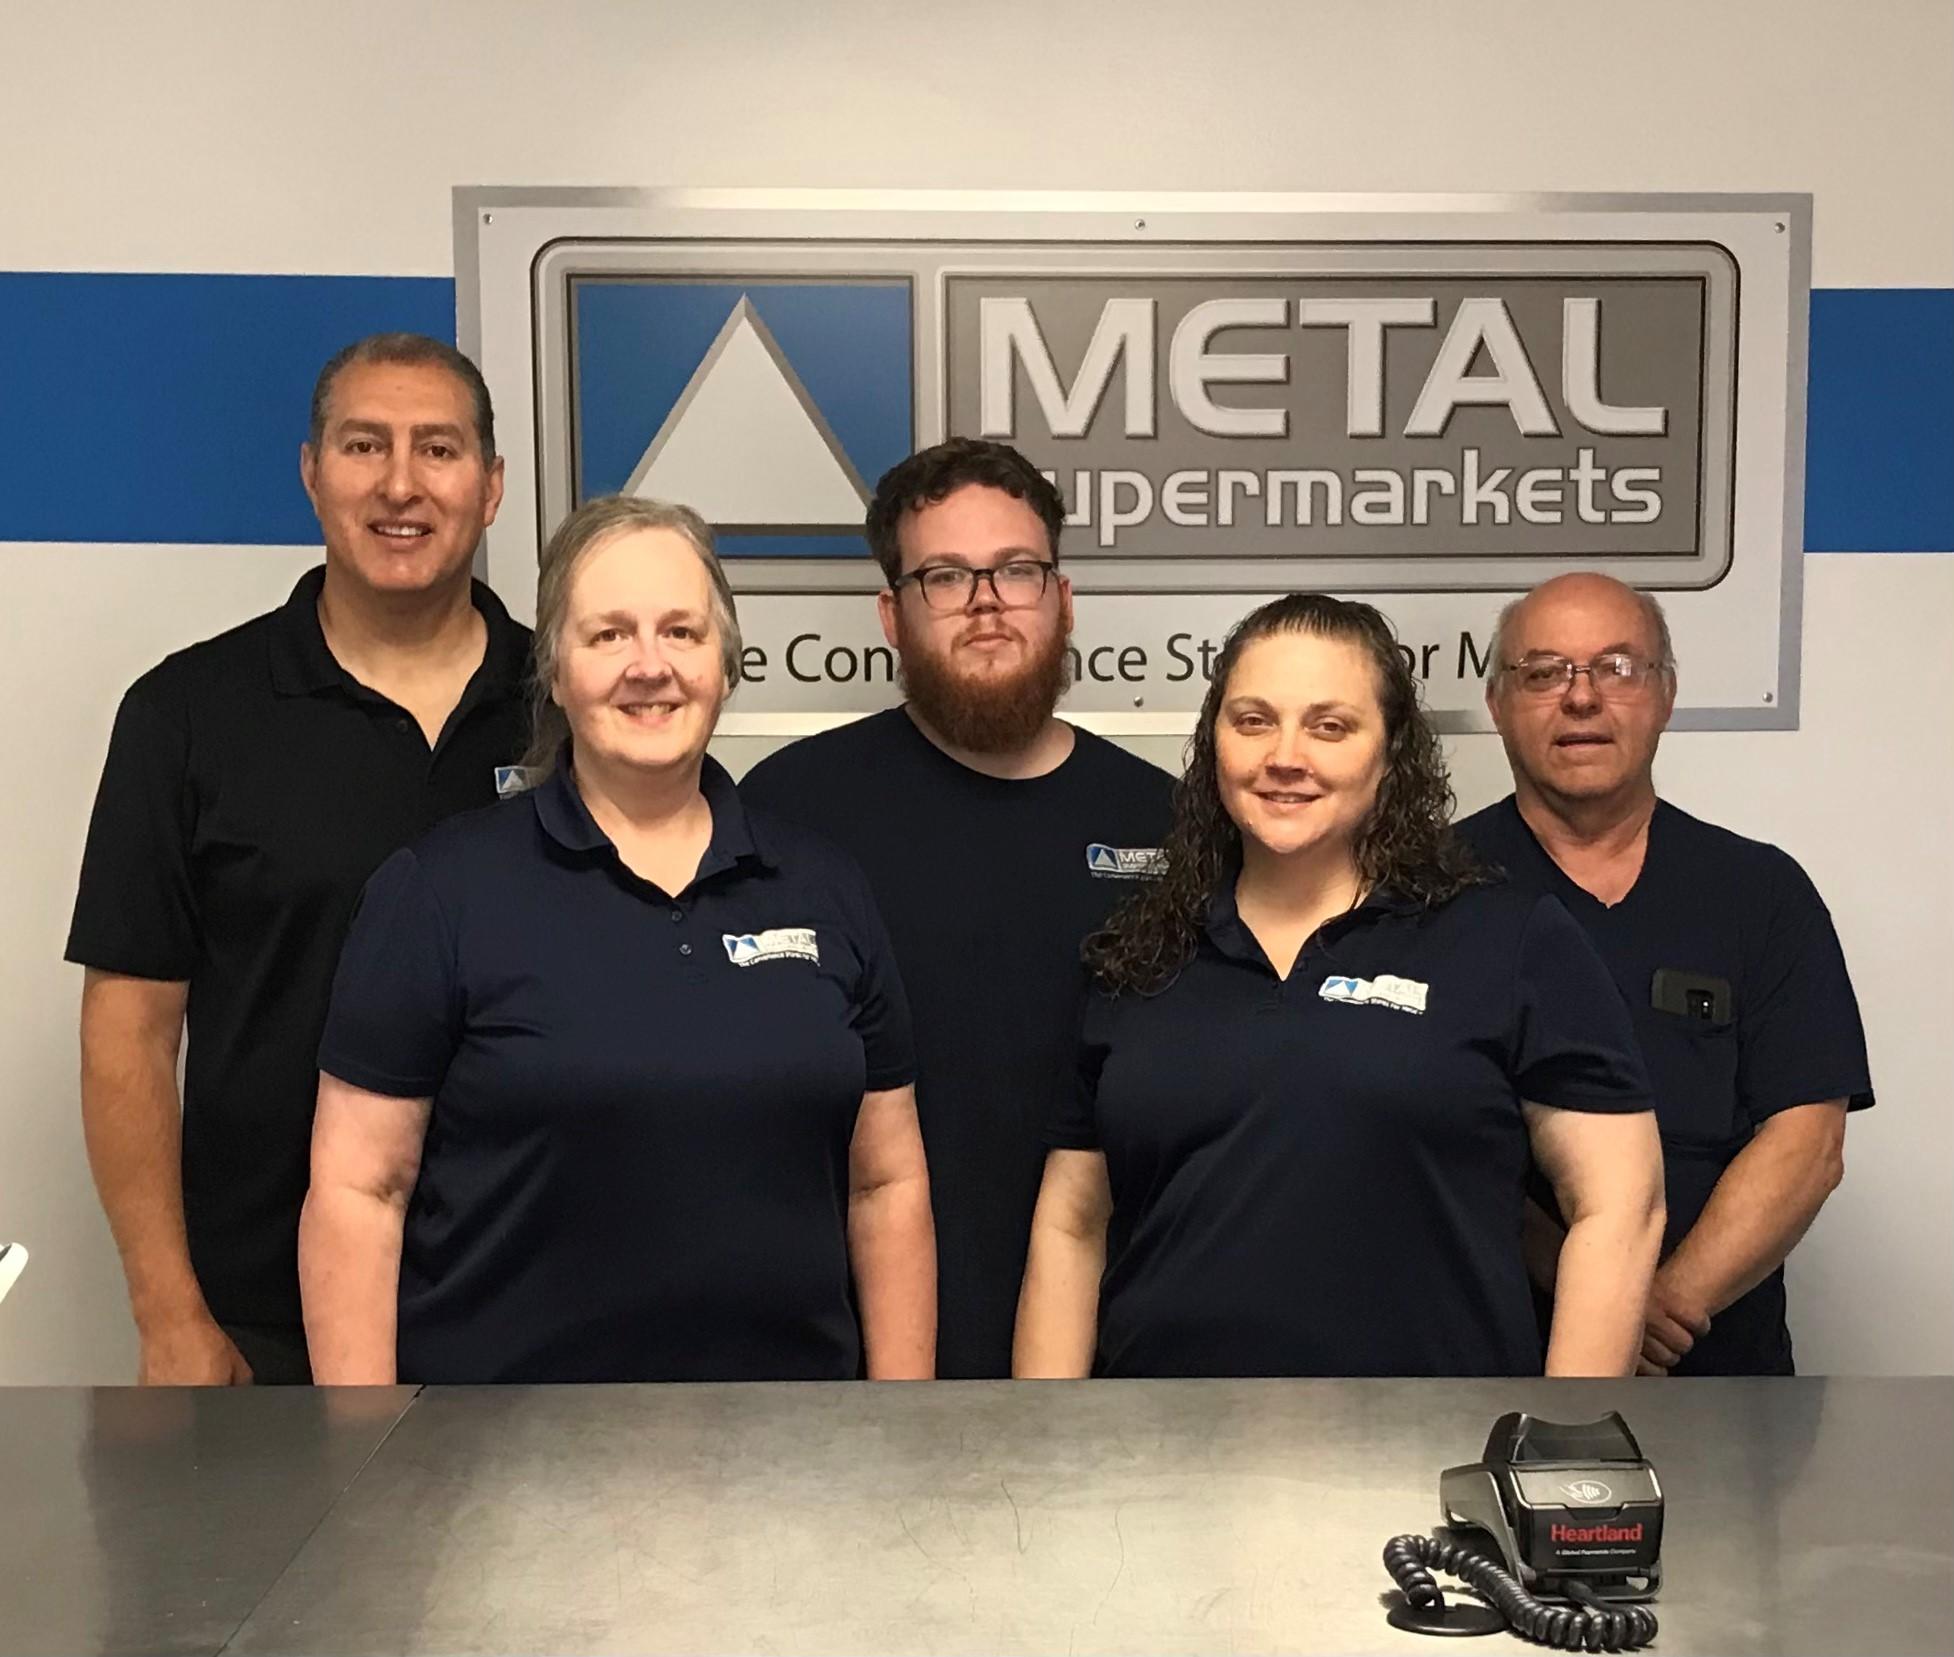 Metal Supermarkets Dayton - Team